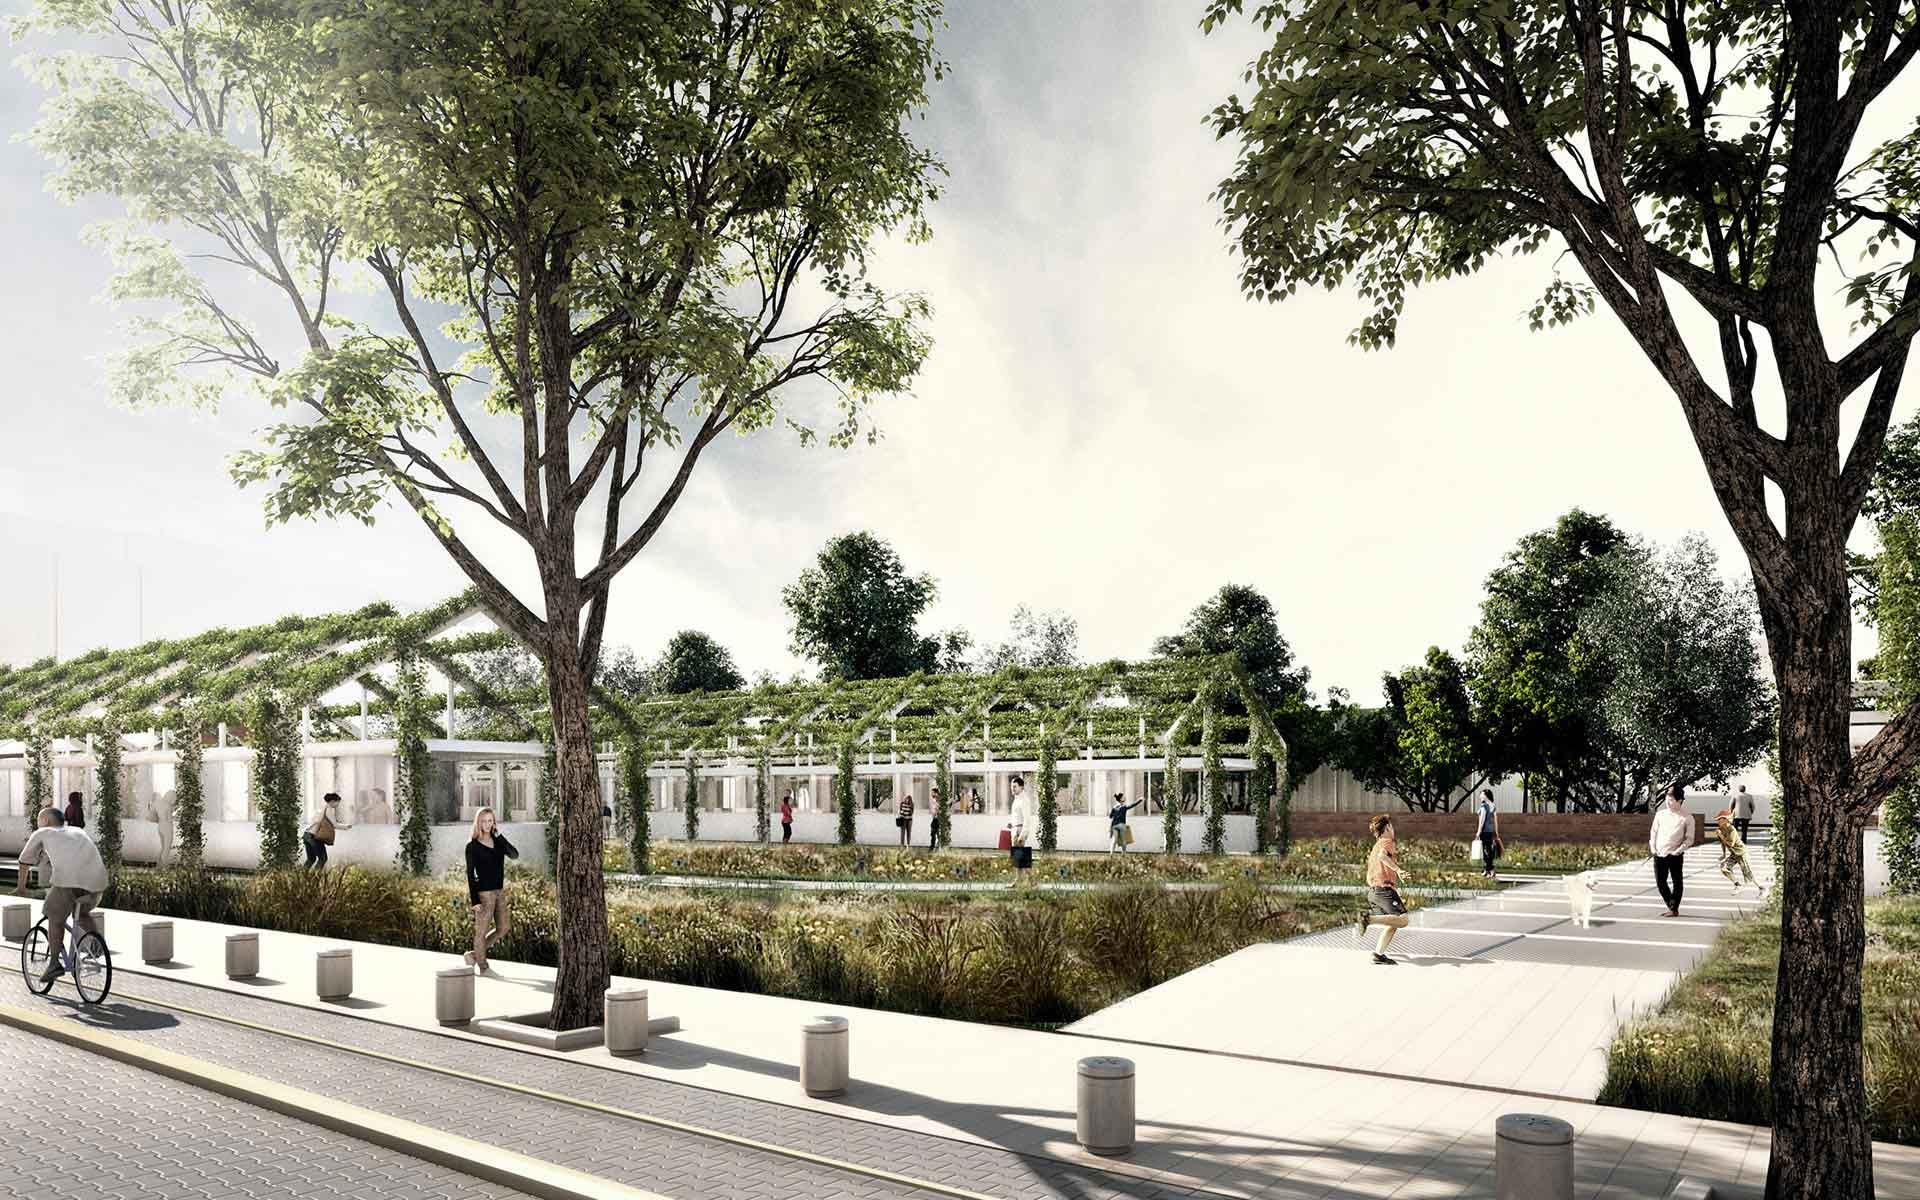 Arquitectura y Paisaje, area protección ambiental y mercado, pabellones con enredaderas planteado en el masterplan para la playa ferroviaria colegiales